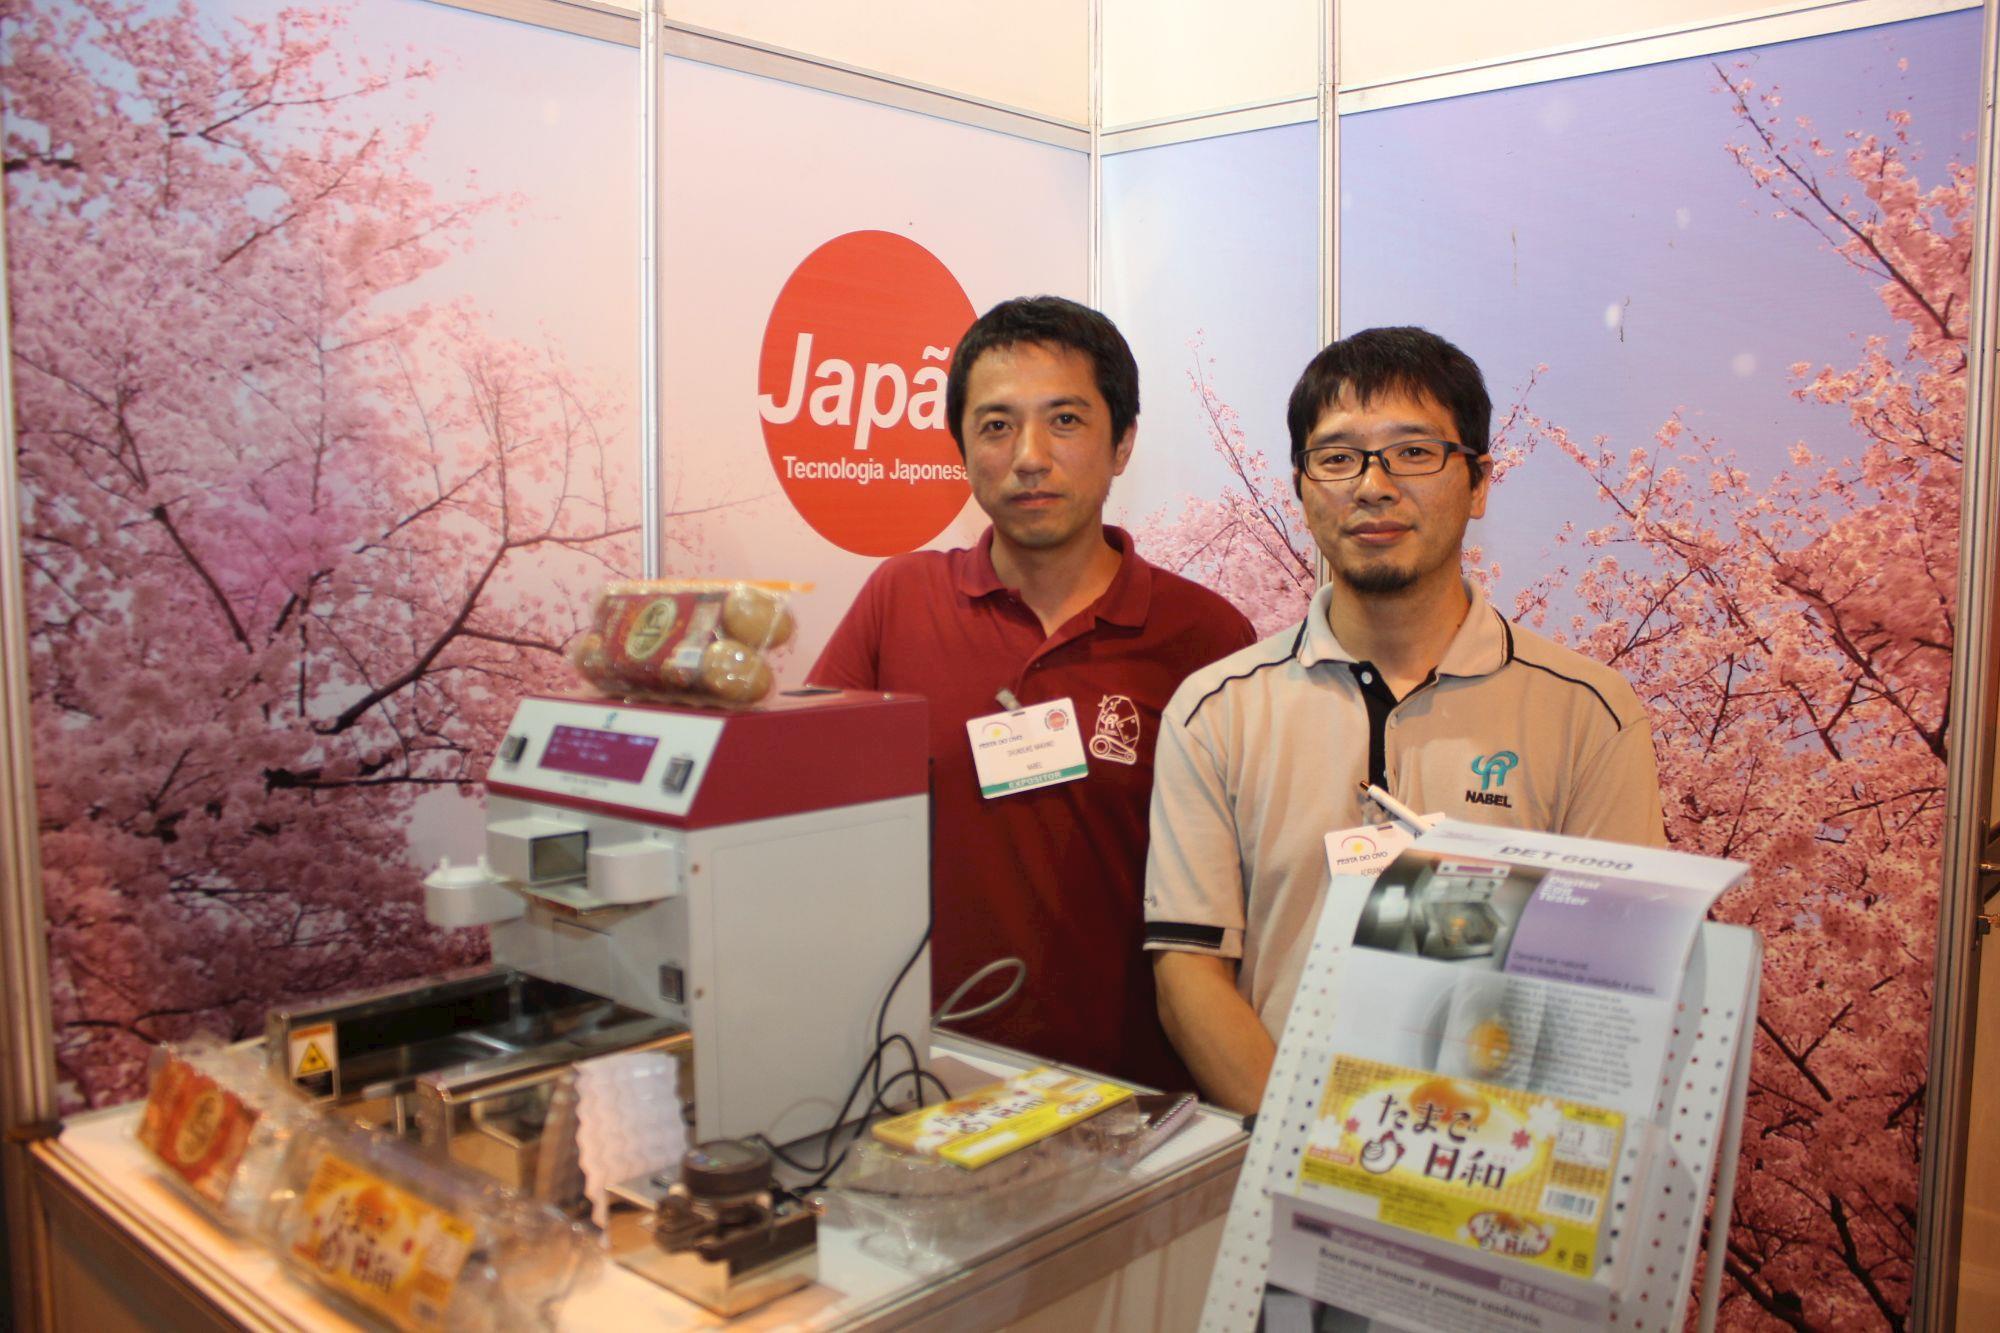 Festa do ovo mantém tradição com novas tecnologias para os produtores, Festa do ovo mantém tradição com novas tecnologias para os produtores